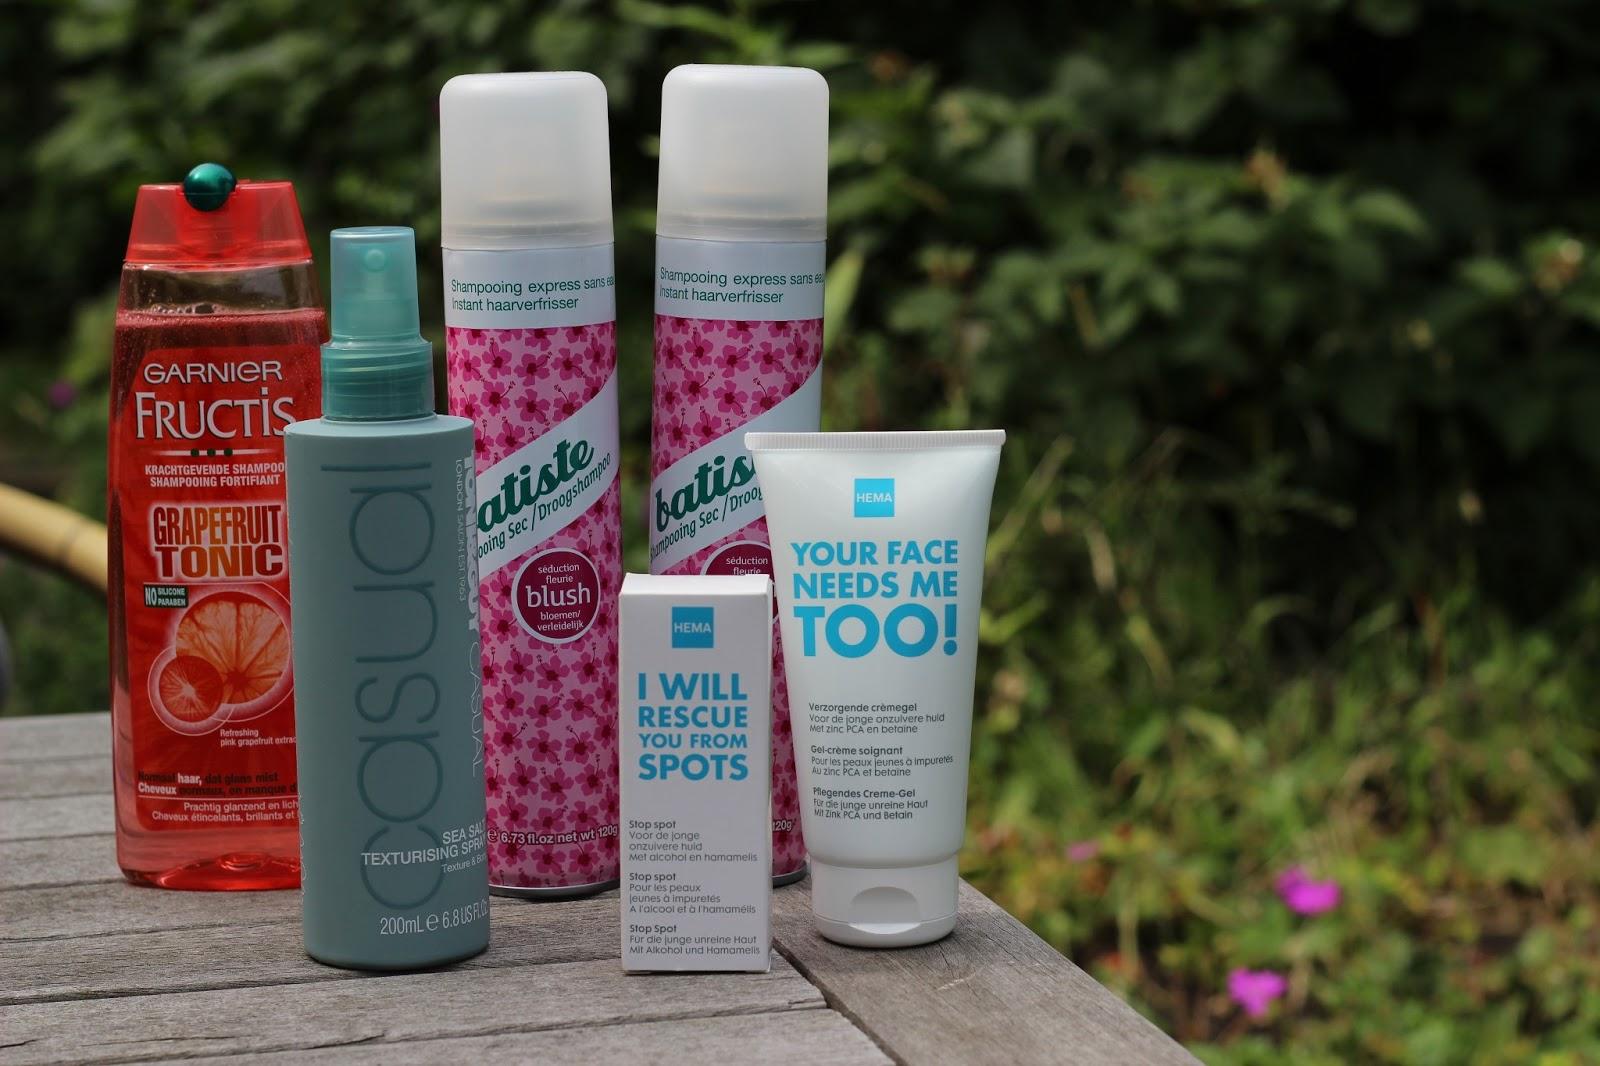 garnier fructis shampoo kruidvat